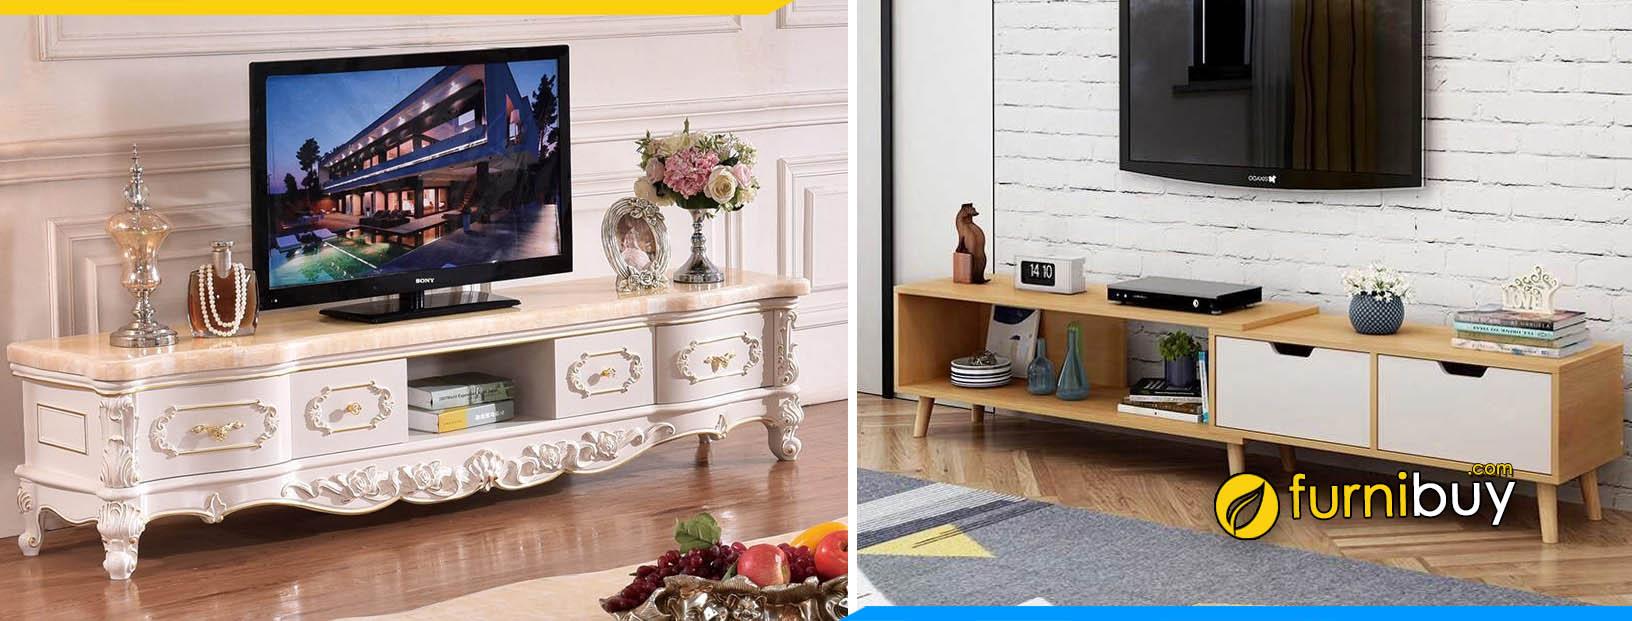 Tư vấn cách chọn kệ tivi phòng khách tân cổ điển hay hiện đại